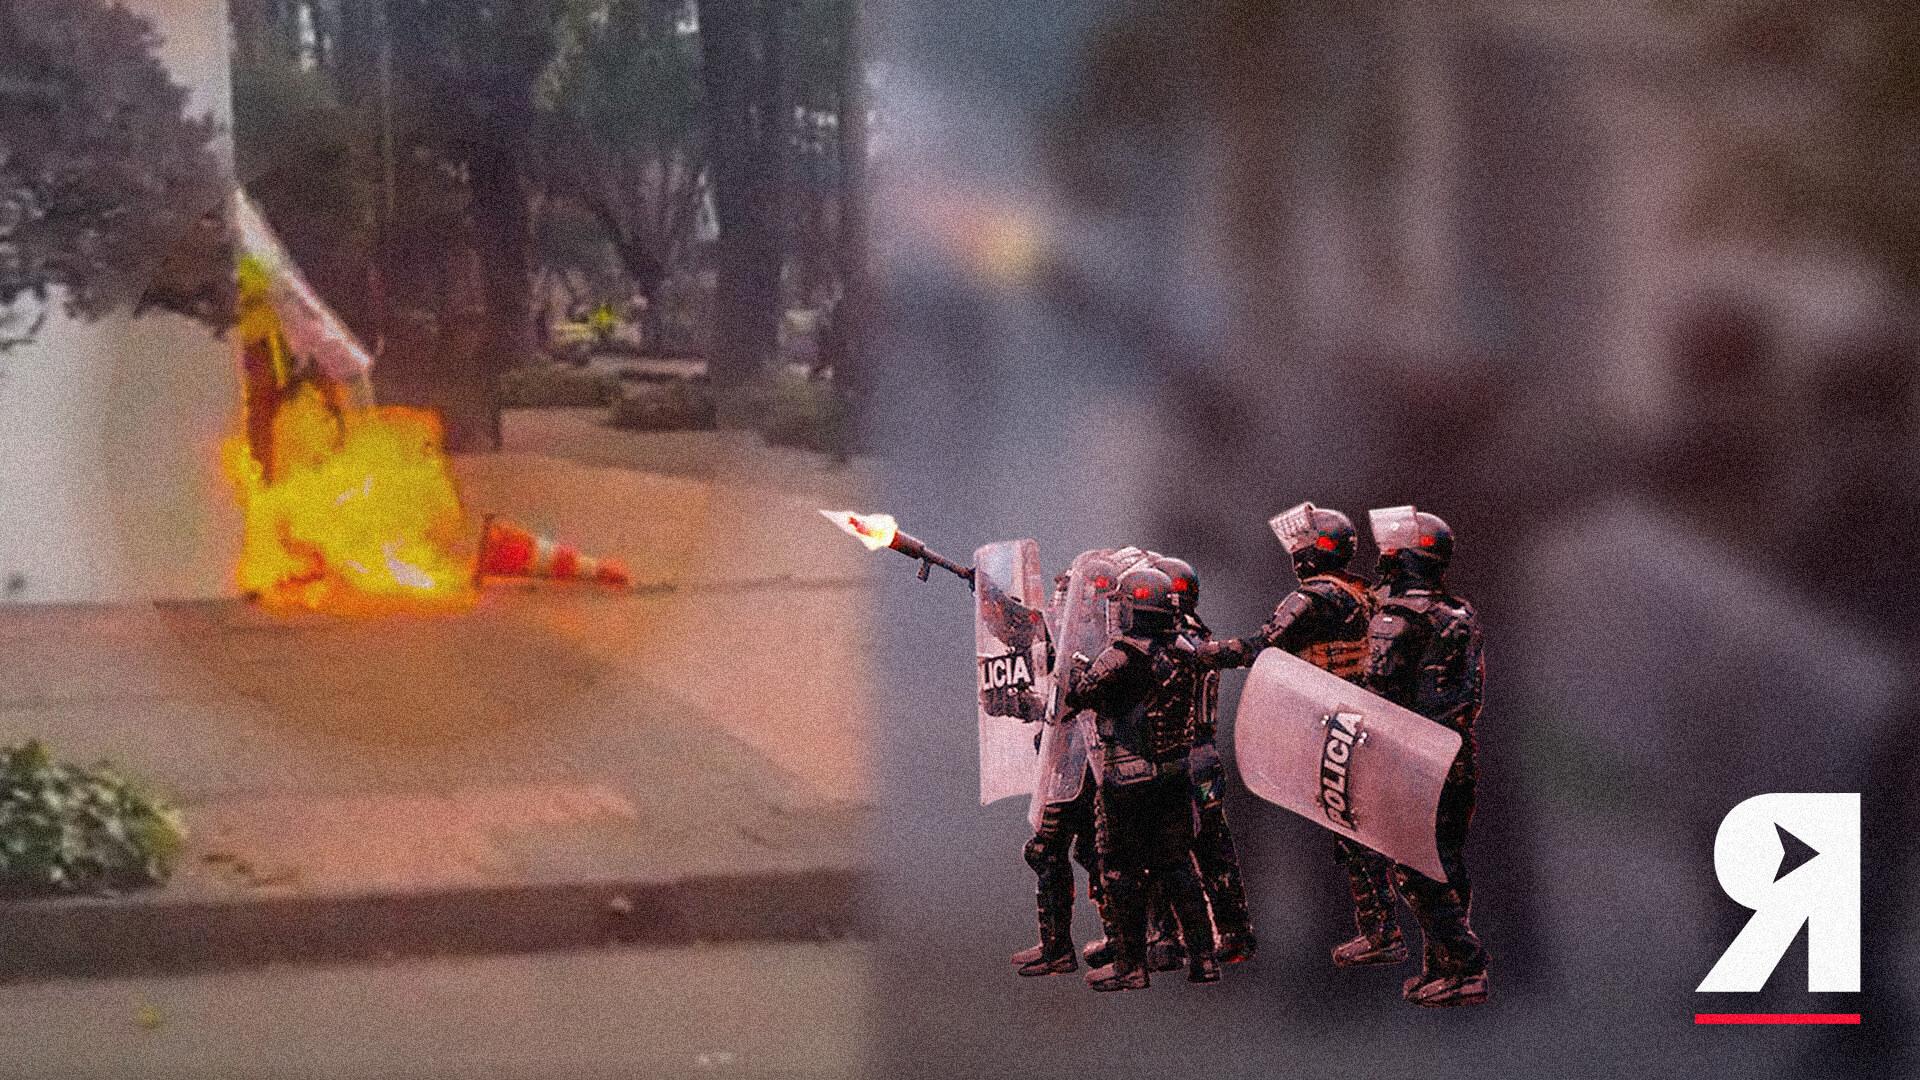 Violencia policial y de encapuchados: el desmán lo pagamos los ciudadanos de a pie